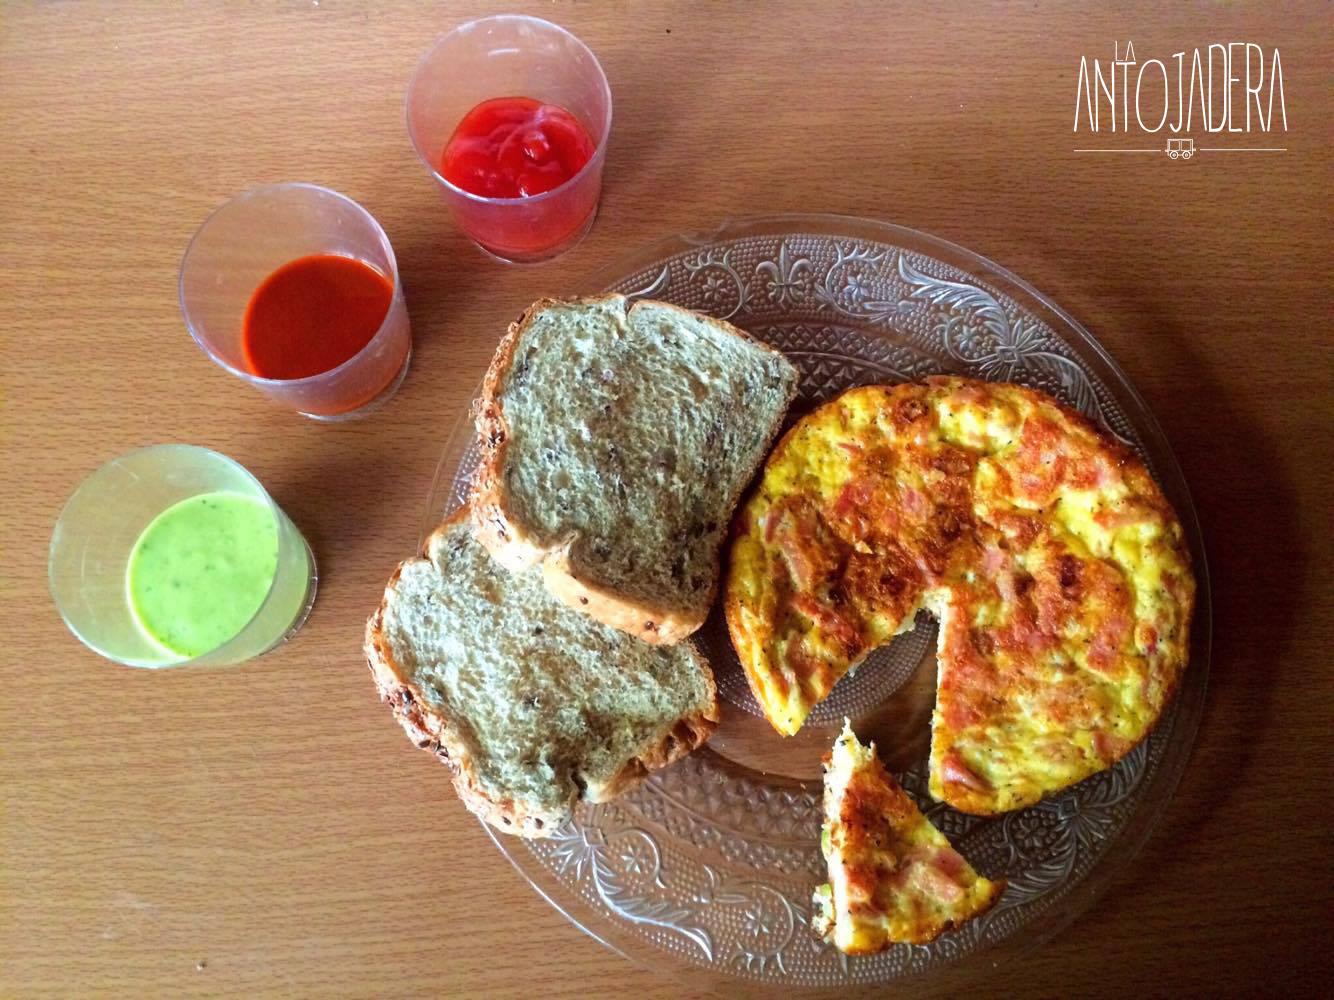 La Antojadera | Huevo u Omelette con Jamón